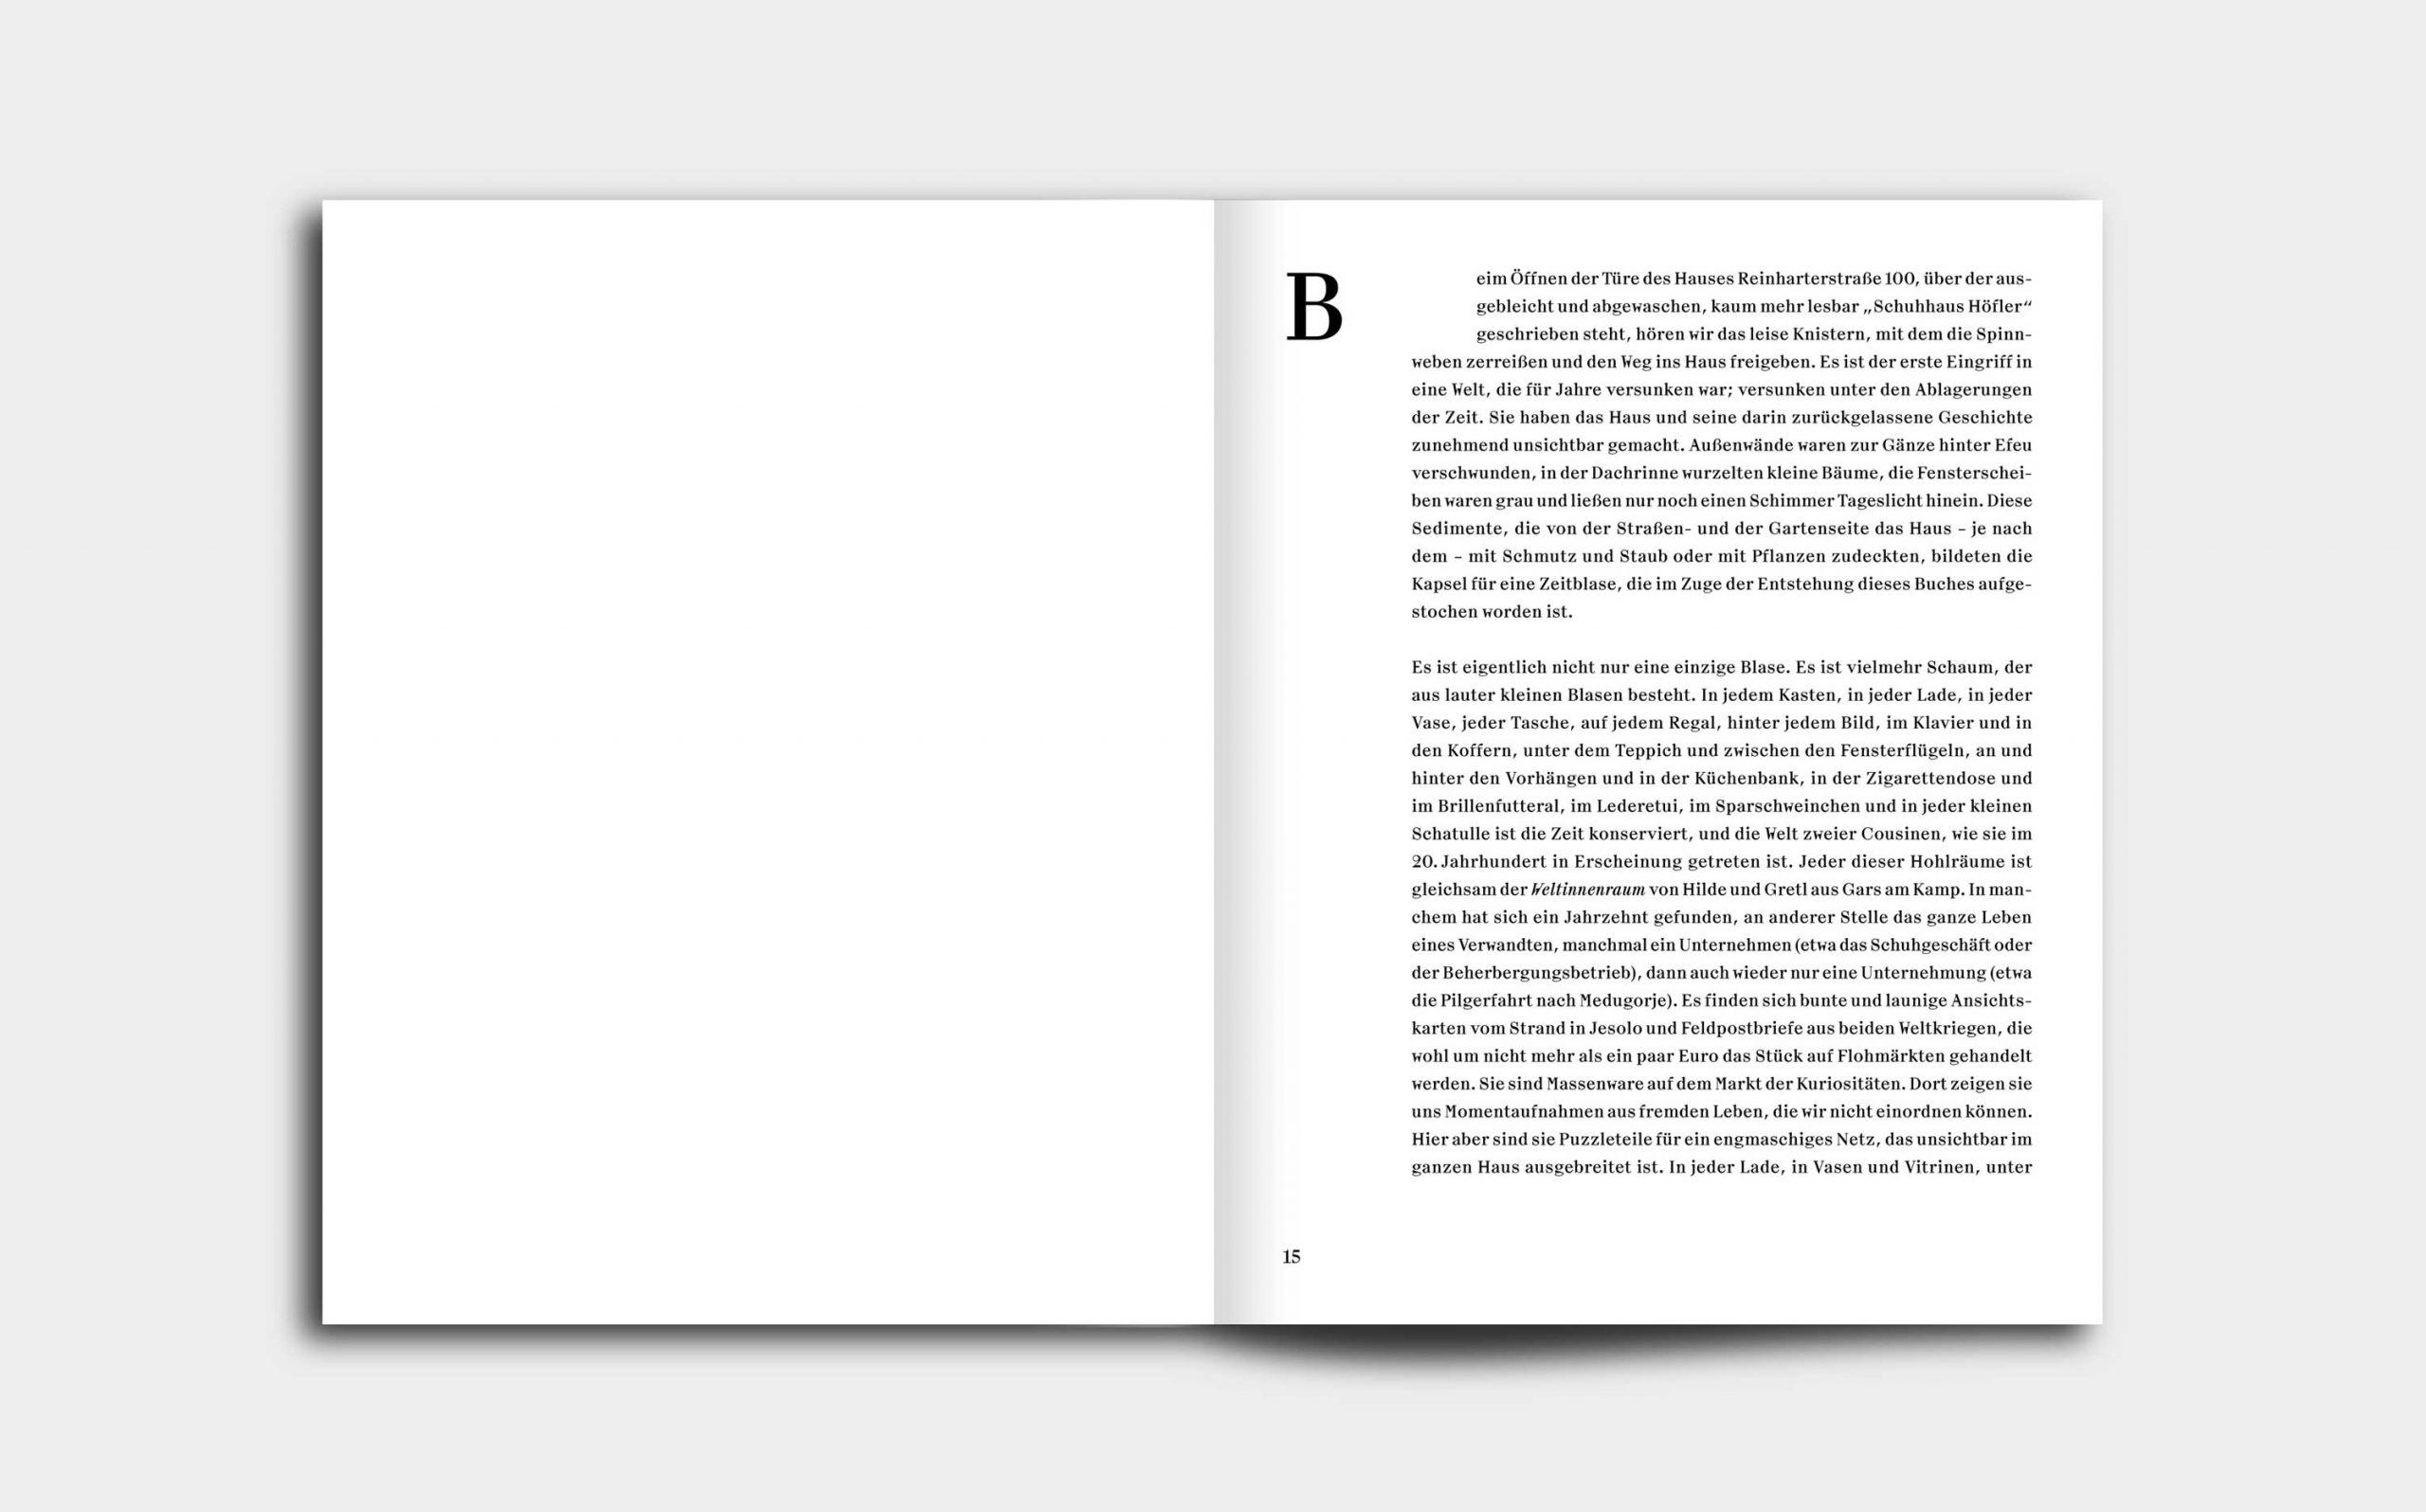 Tarek Leitner, Peter Coeln – Hilde & Gretl | Doppelseite mit großem Initial als Kapiteleinstieg auf rechter Seite, links leer | Keywords: Editorial Design, Veredelung, Artist Book, Künstlerbuch, Buchgestaltung, Grafikdesign, Design, Typografie